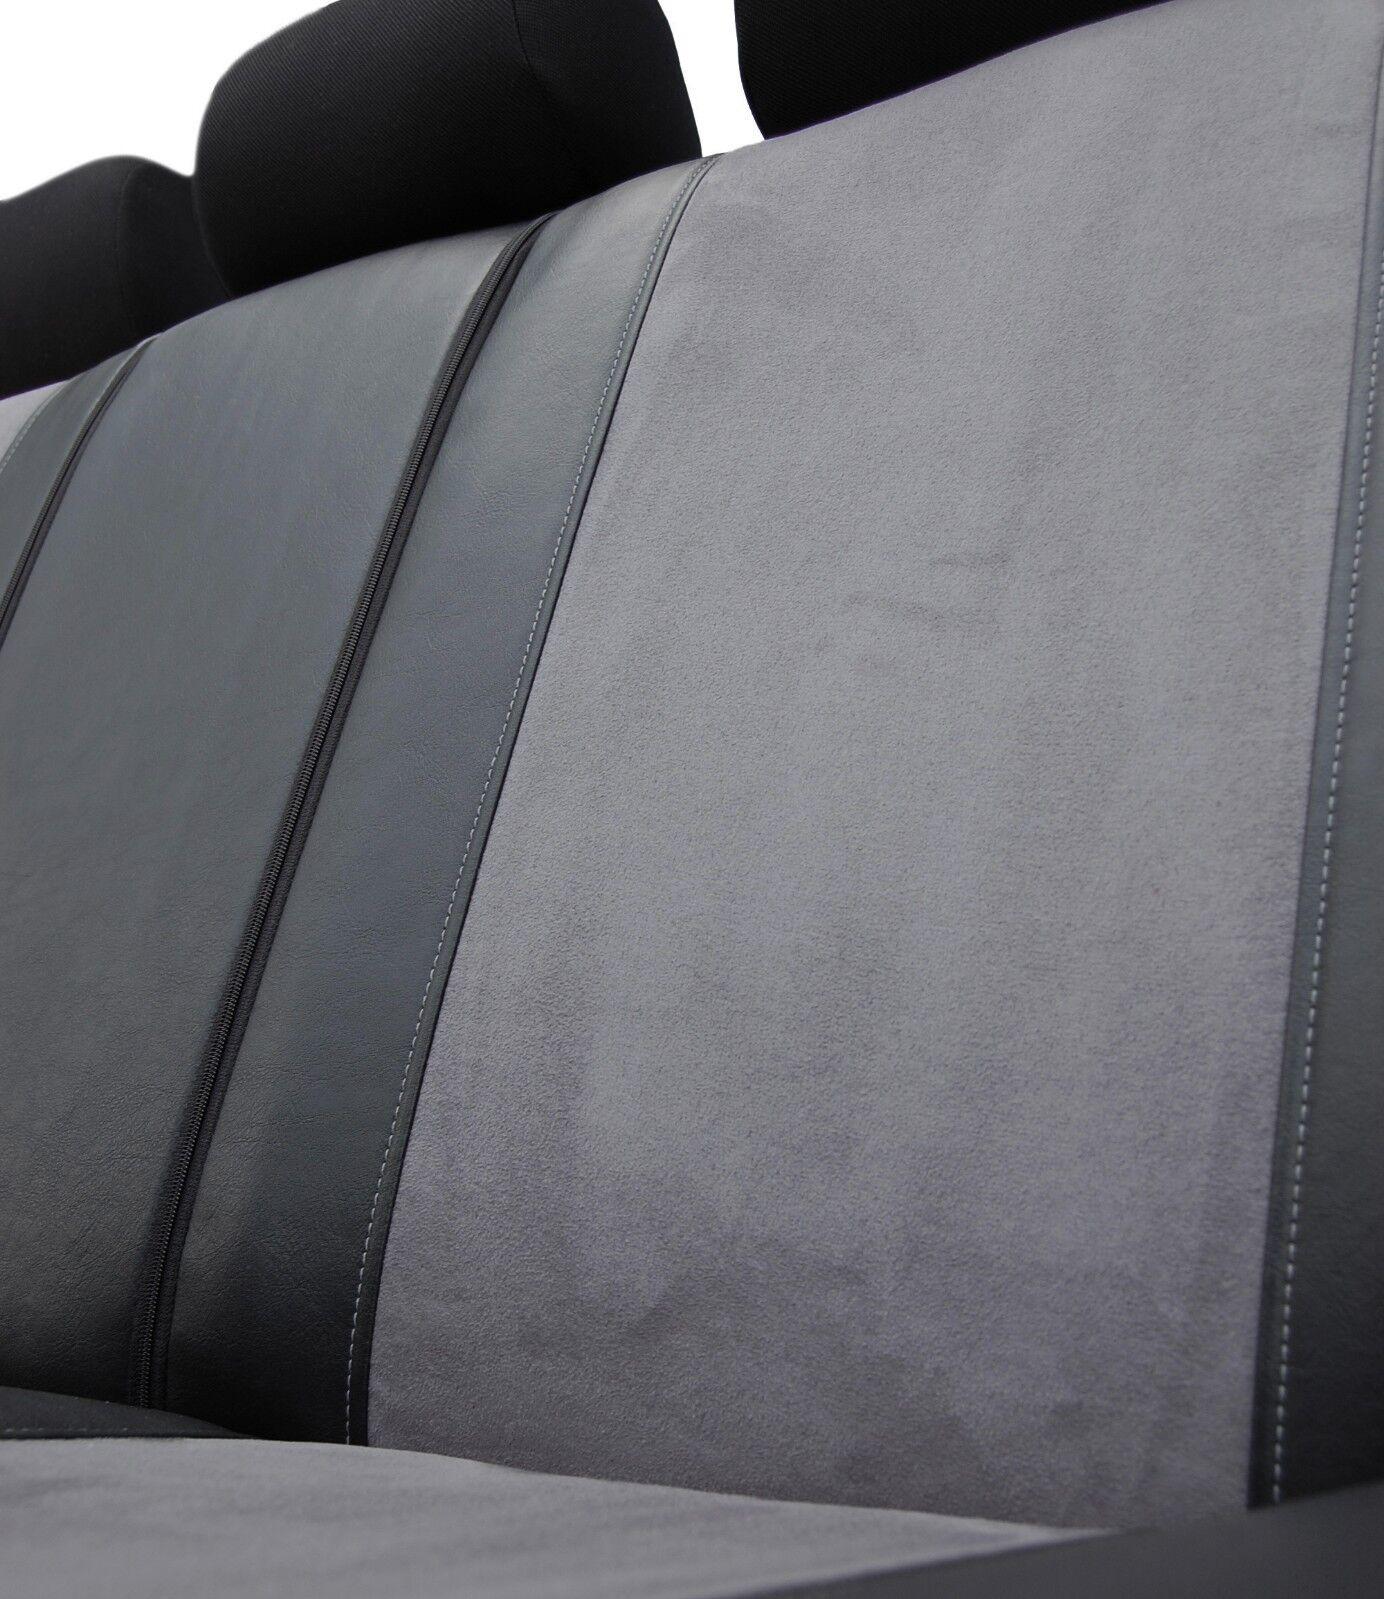 VW Passat B5//FL Kombi 1996-2005 Maß Sitzbezüge Schonbezüge Kunstleder schwarz